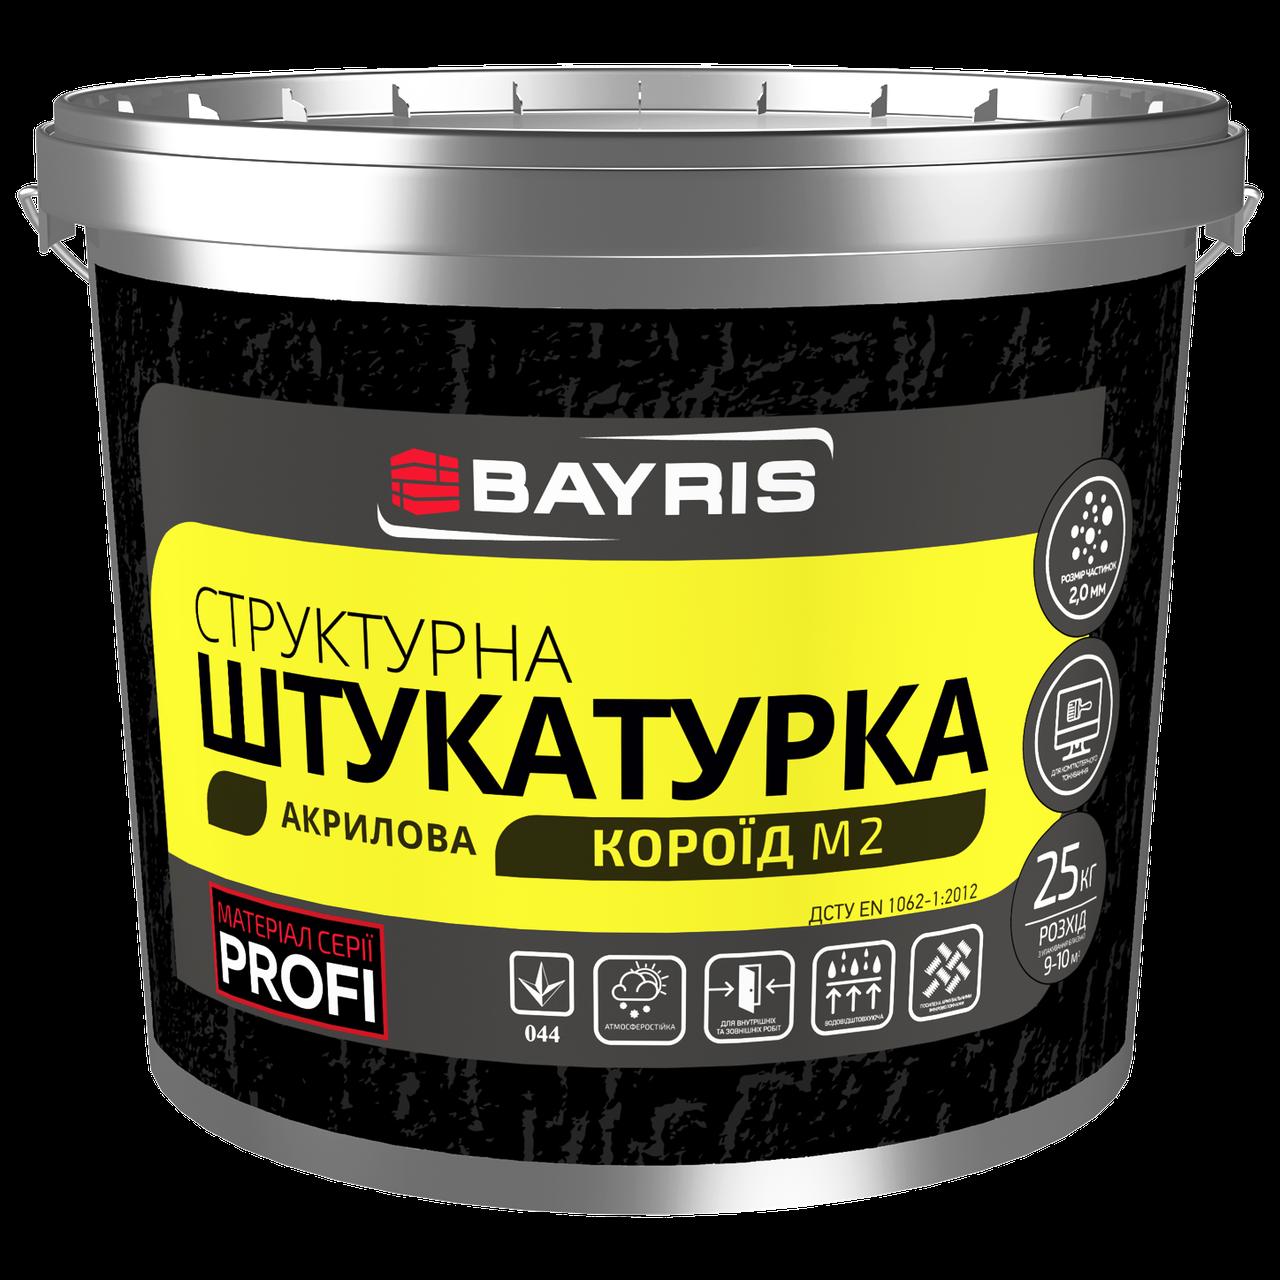 """Акриловая структурная штукатурка Короед Фракция 2 Bayris 25кг - Color-City """"Самые Низкие Цены на Стройматериалы""""  в Одессе"""